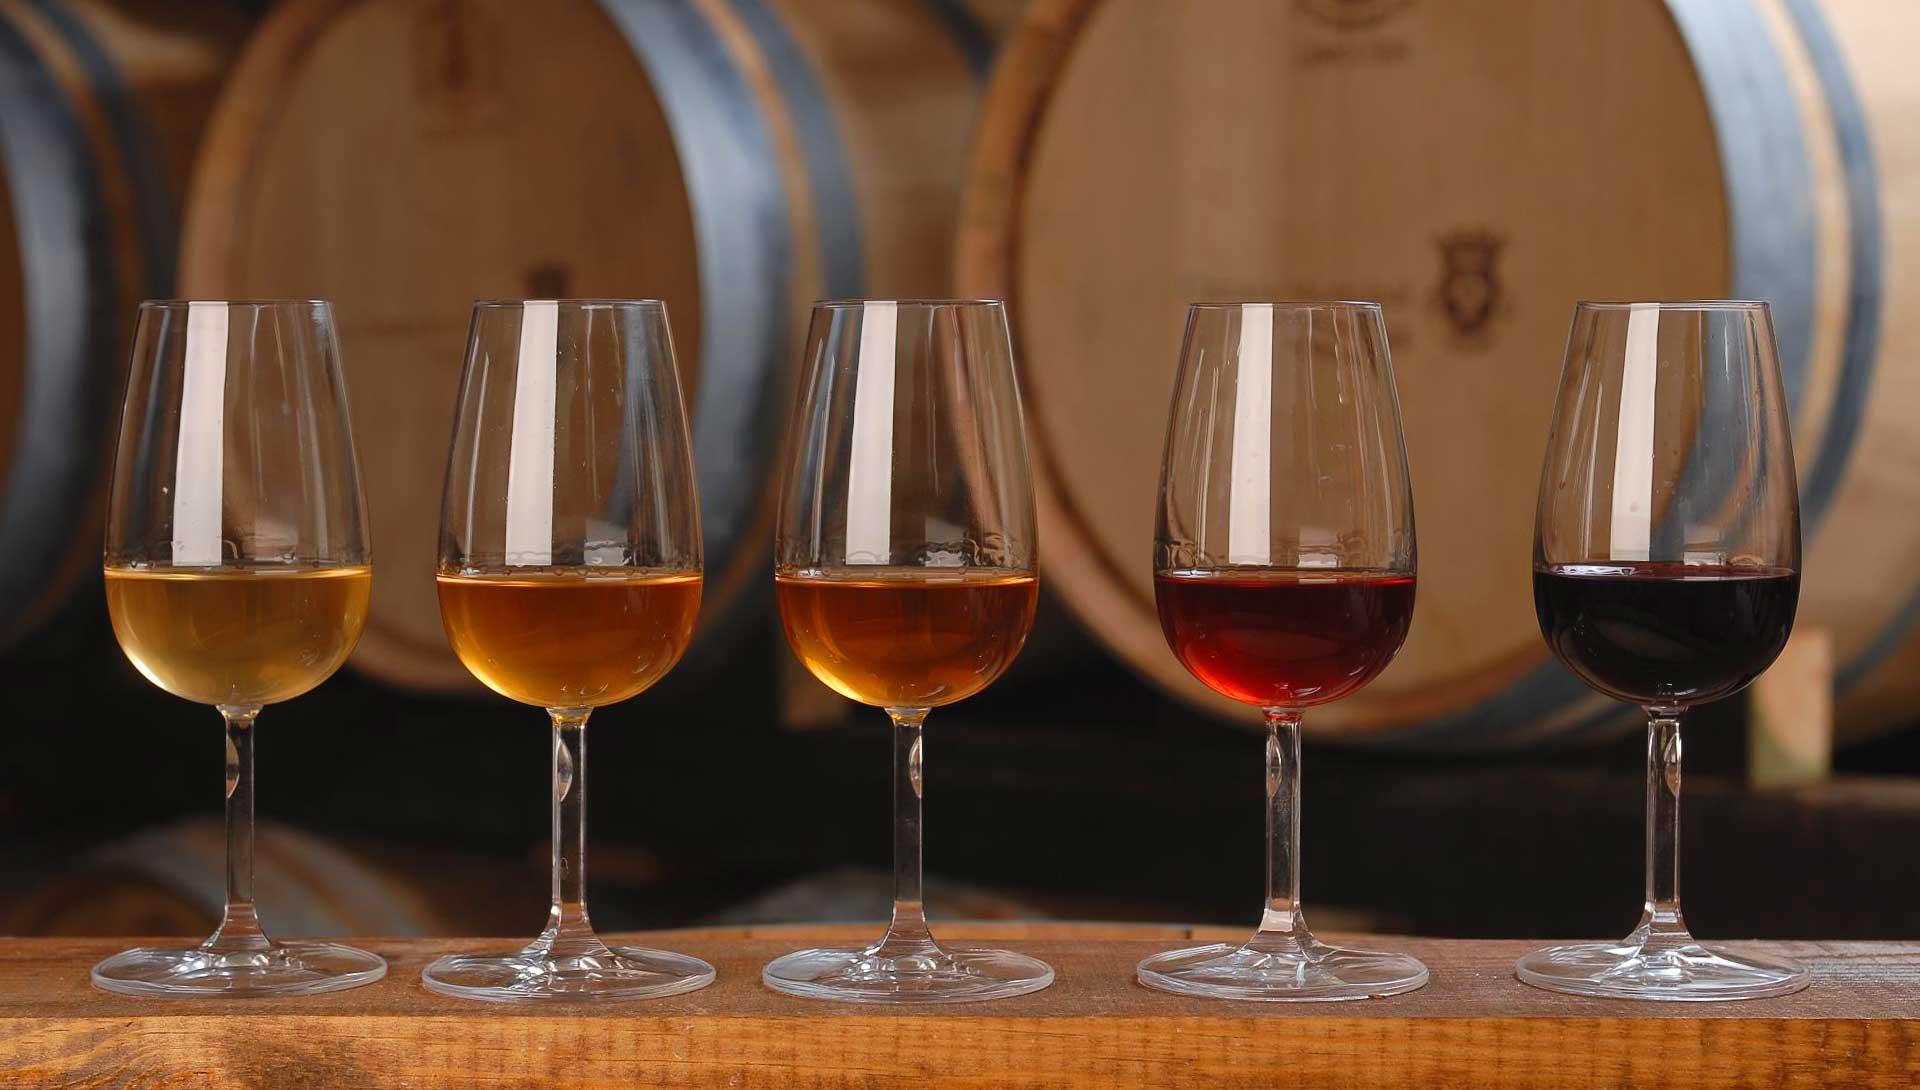 copos-vinho-carcavelos-1920px